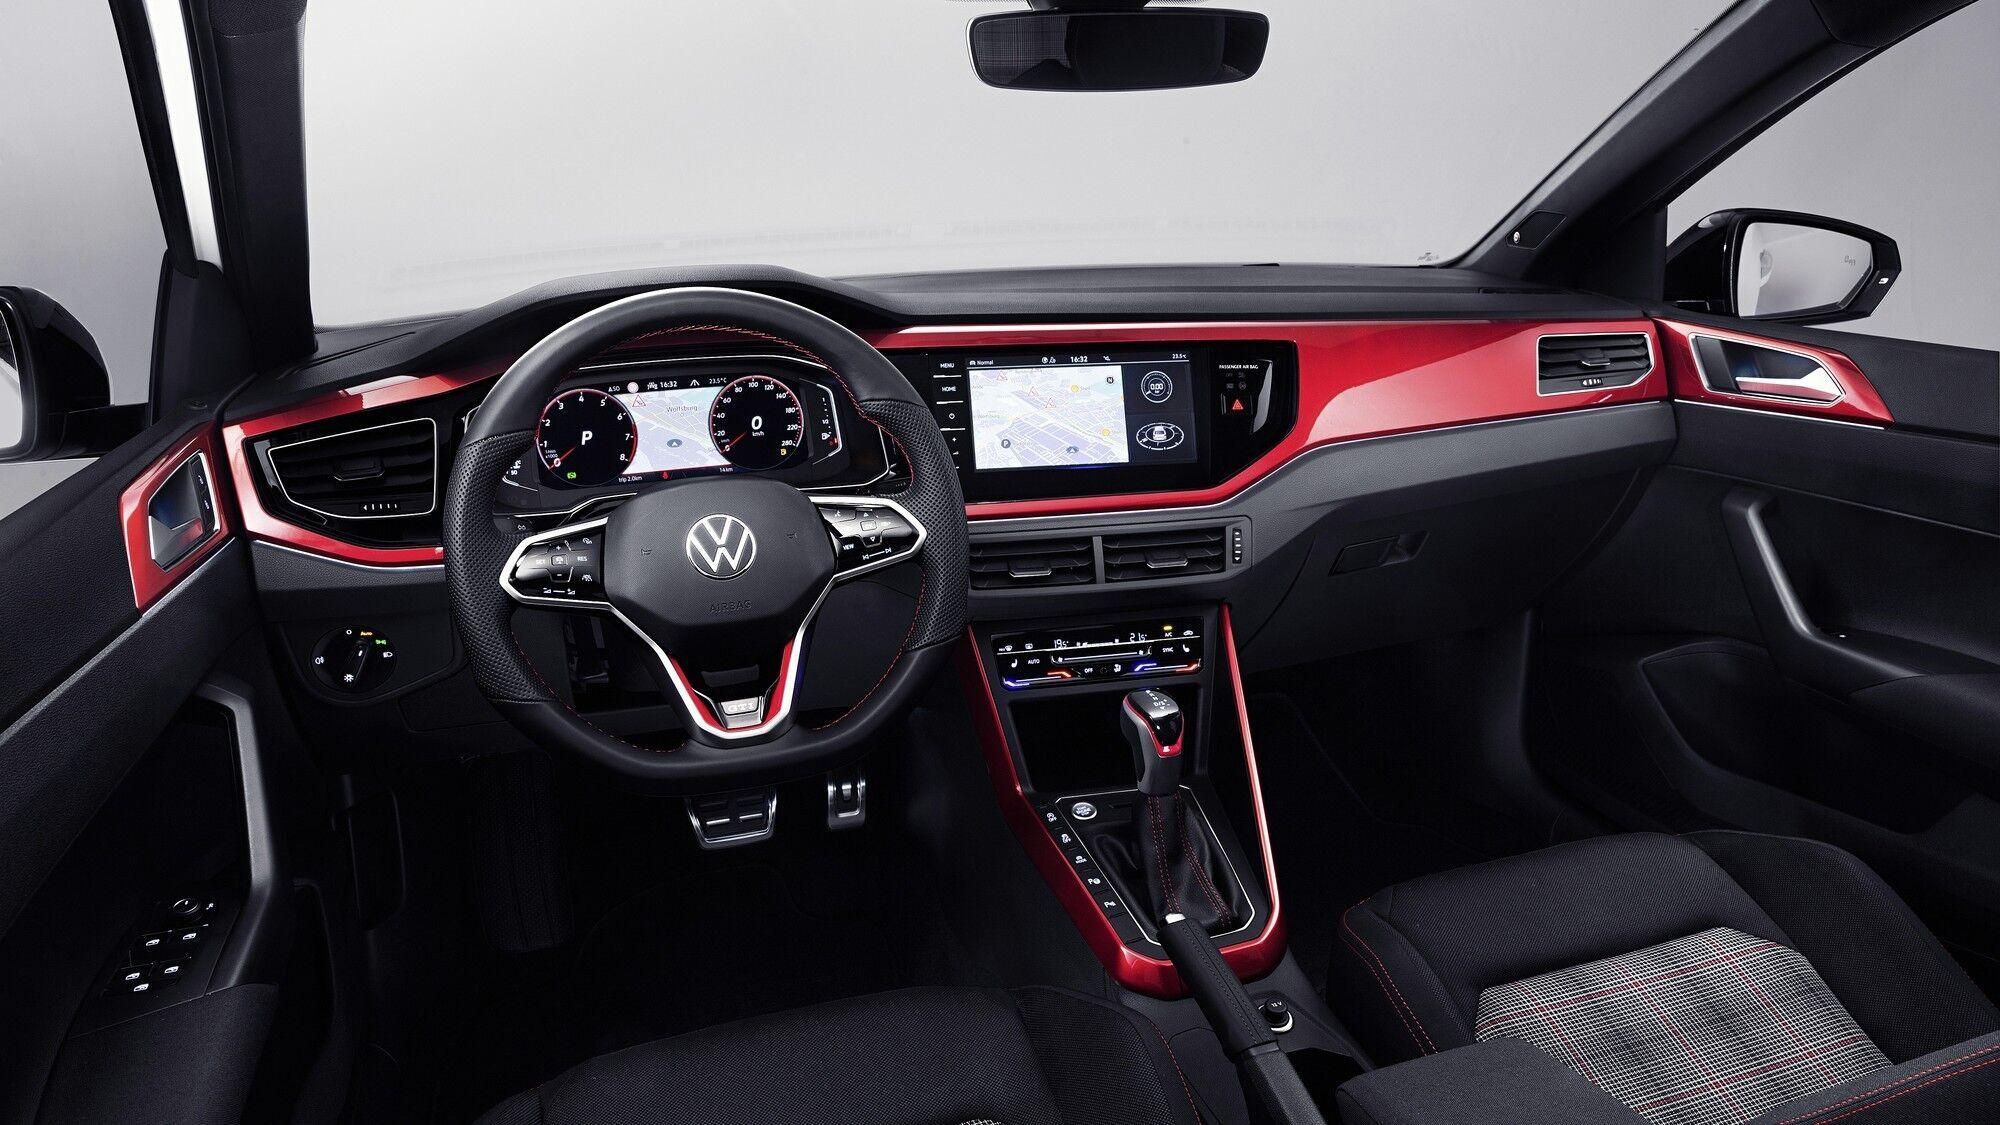 В багату комплектацію Polo GTI увійшли повністю цифрова панель з 10,25-дюймової шкалою приладів